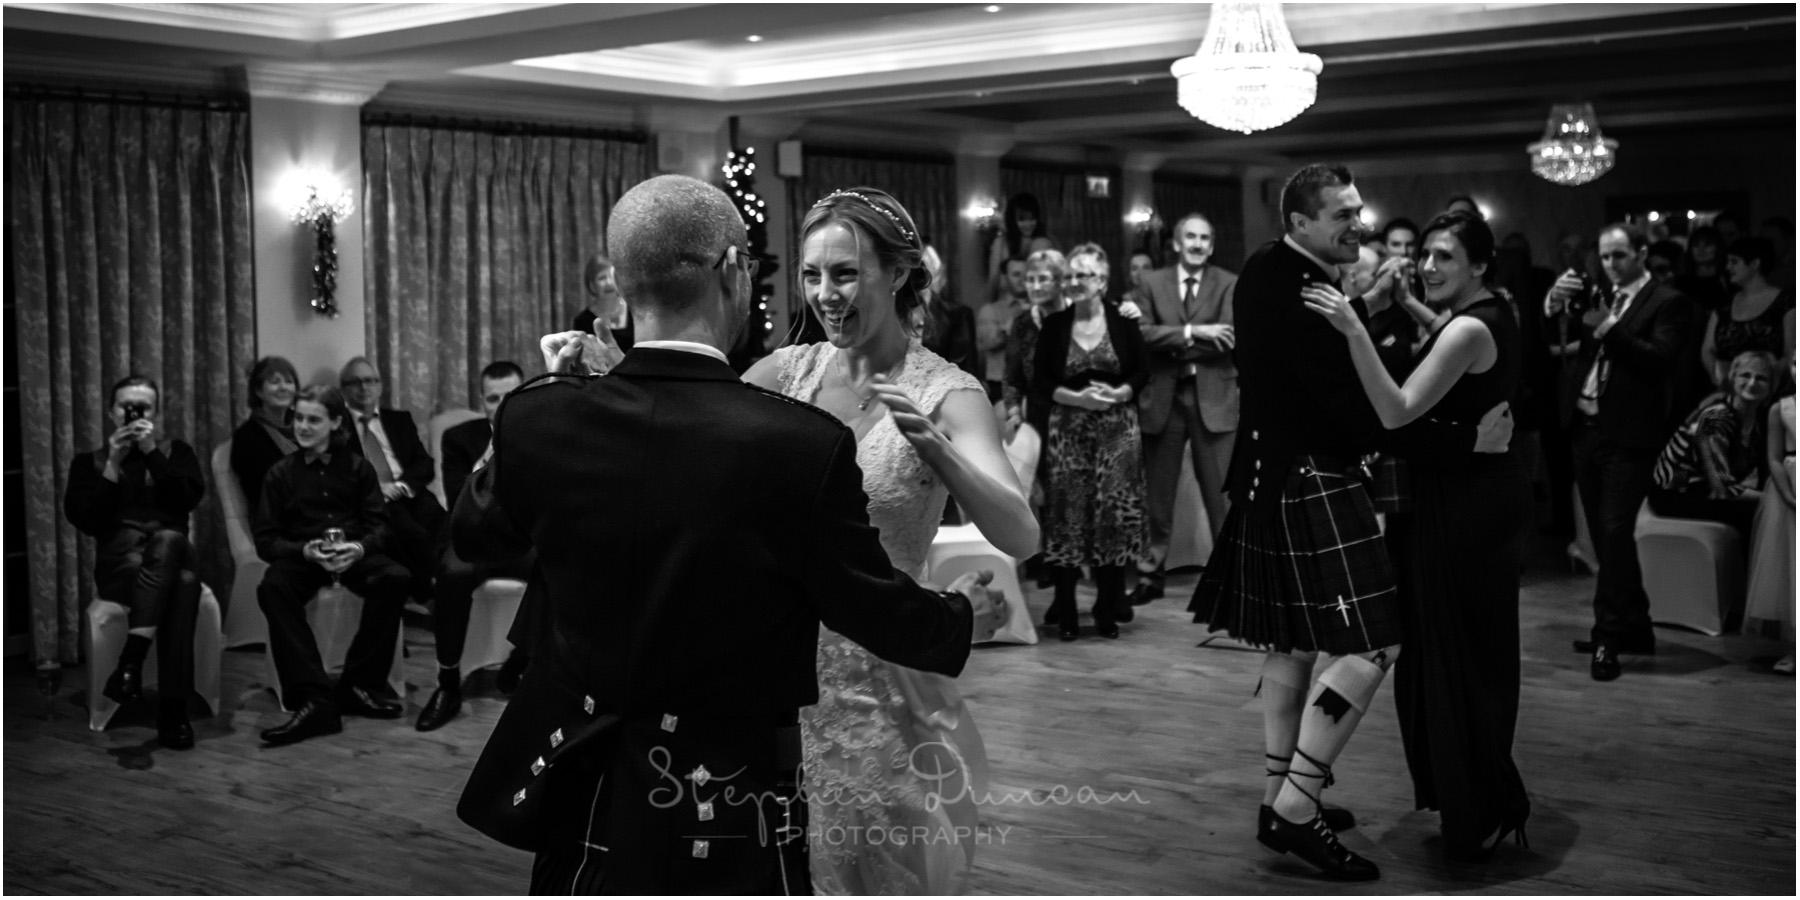 Romsey Abbey wedding photographer couple on the dancefloor